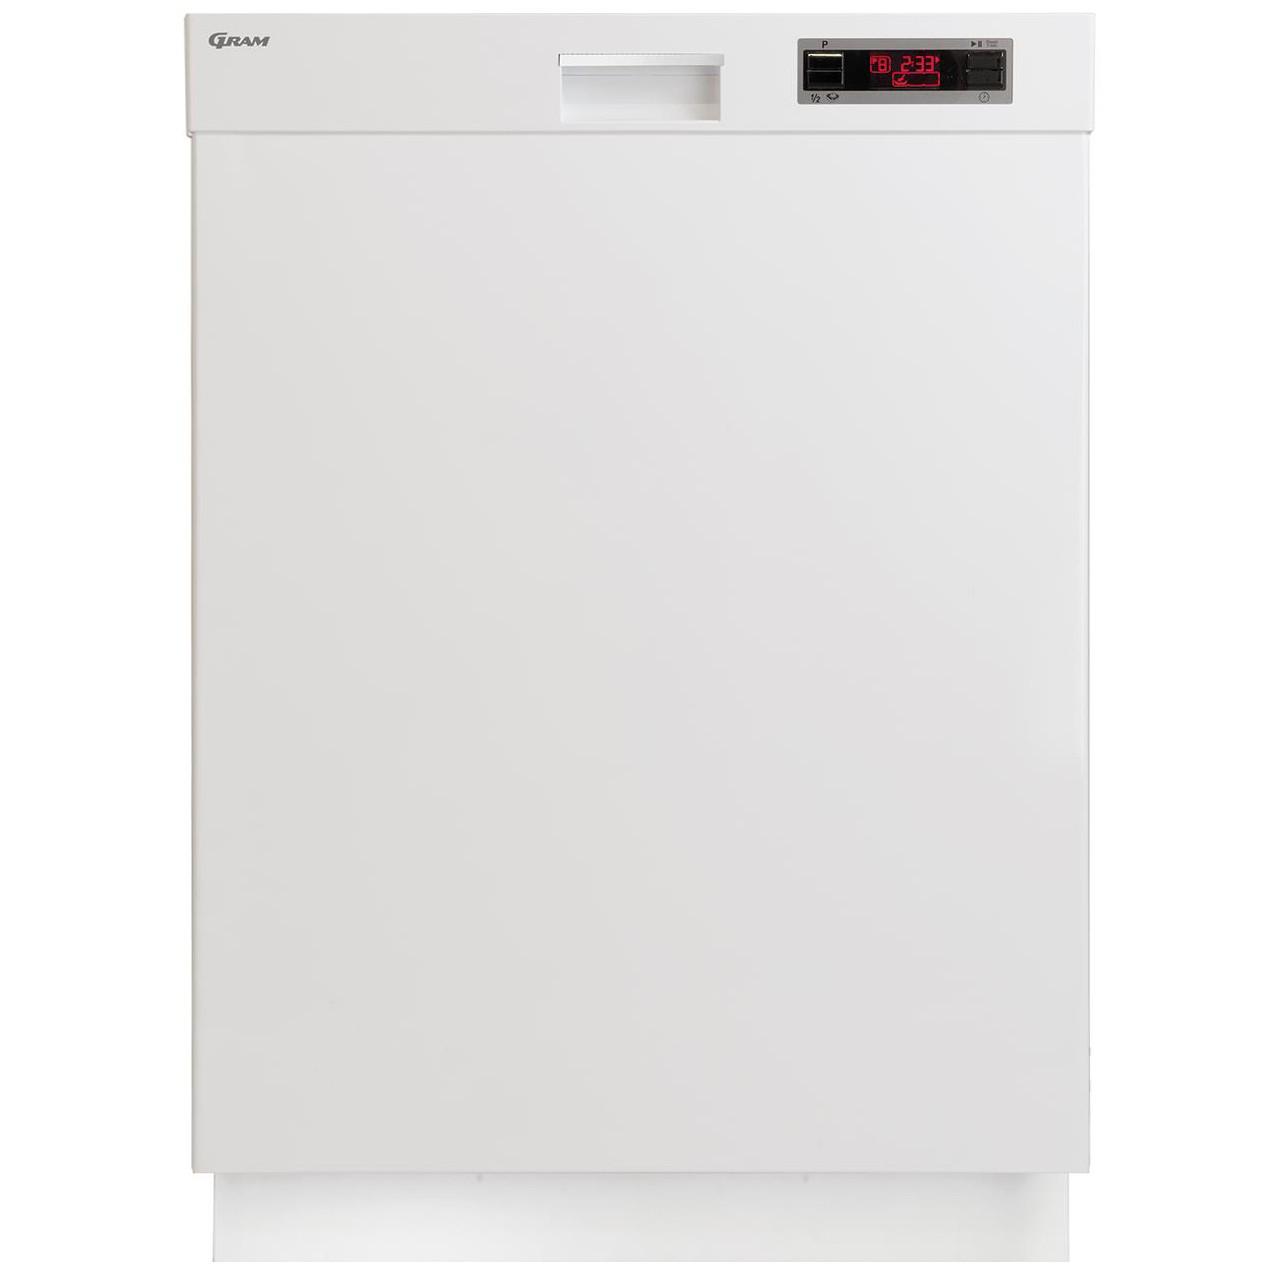 OM6237T : Gram oppvaskmaskin OM6237T